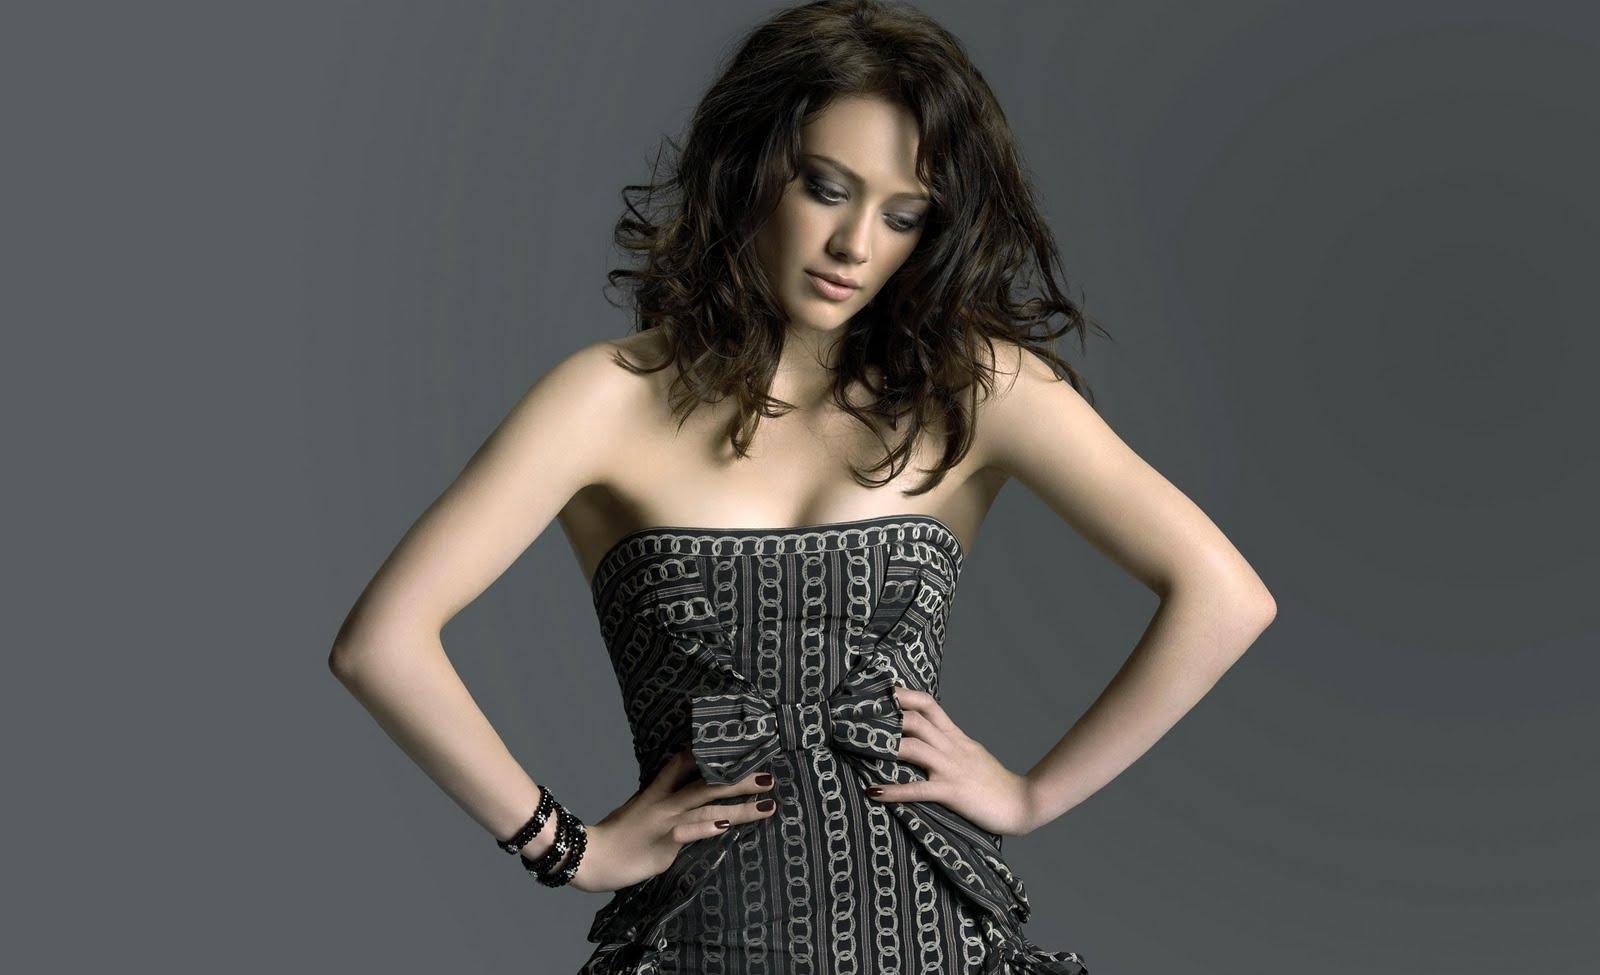 http://2.bp.blogspot.com/-qUFYphl_dhk/TprGvrhnlaI/AAAAAAAAGEg/BmED2F00rkk/s1600/Hilary-Duff%2B%252811%2529.jpg